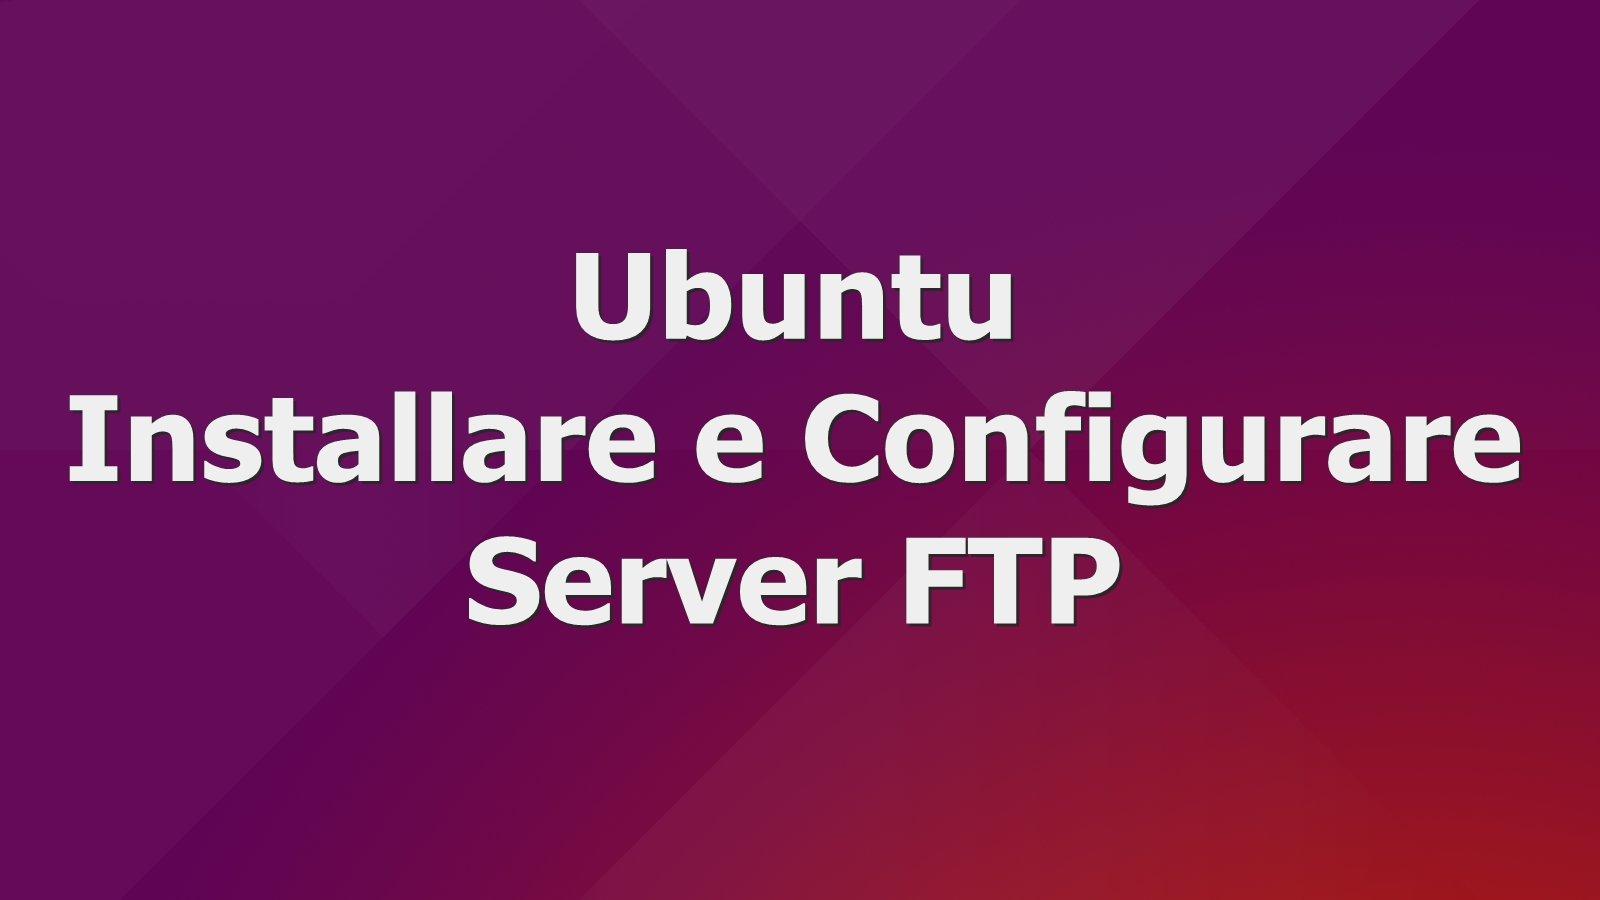 ubuntu-installere-configurare-server-ftp